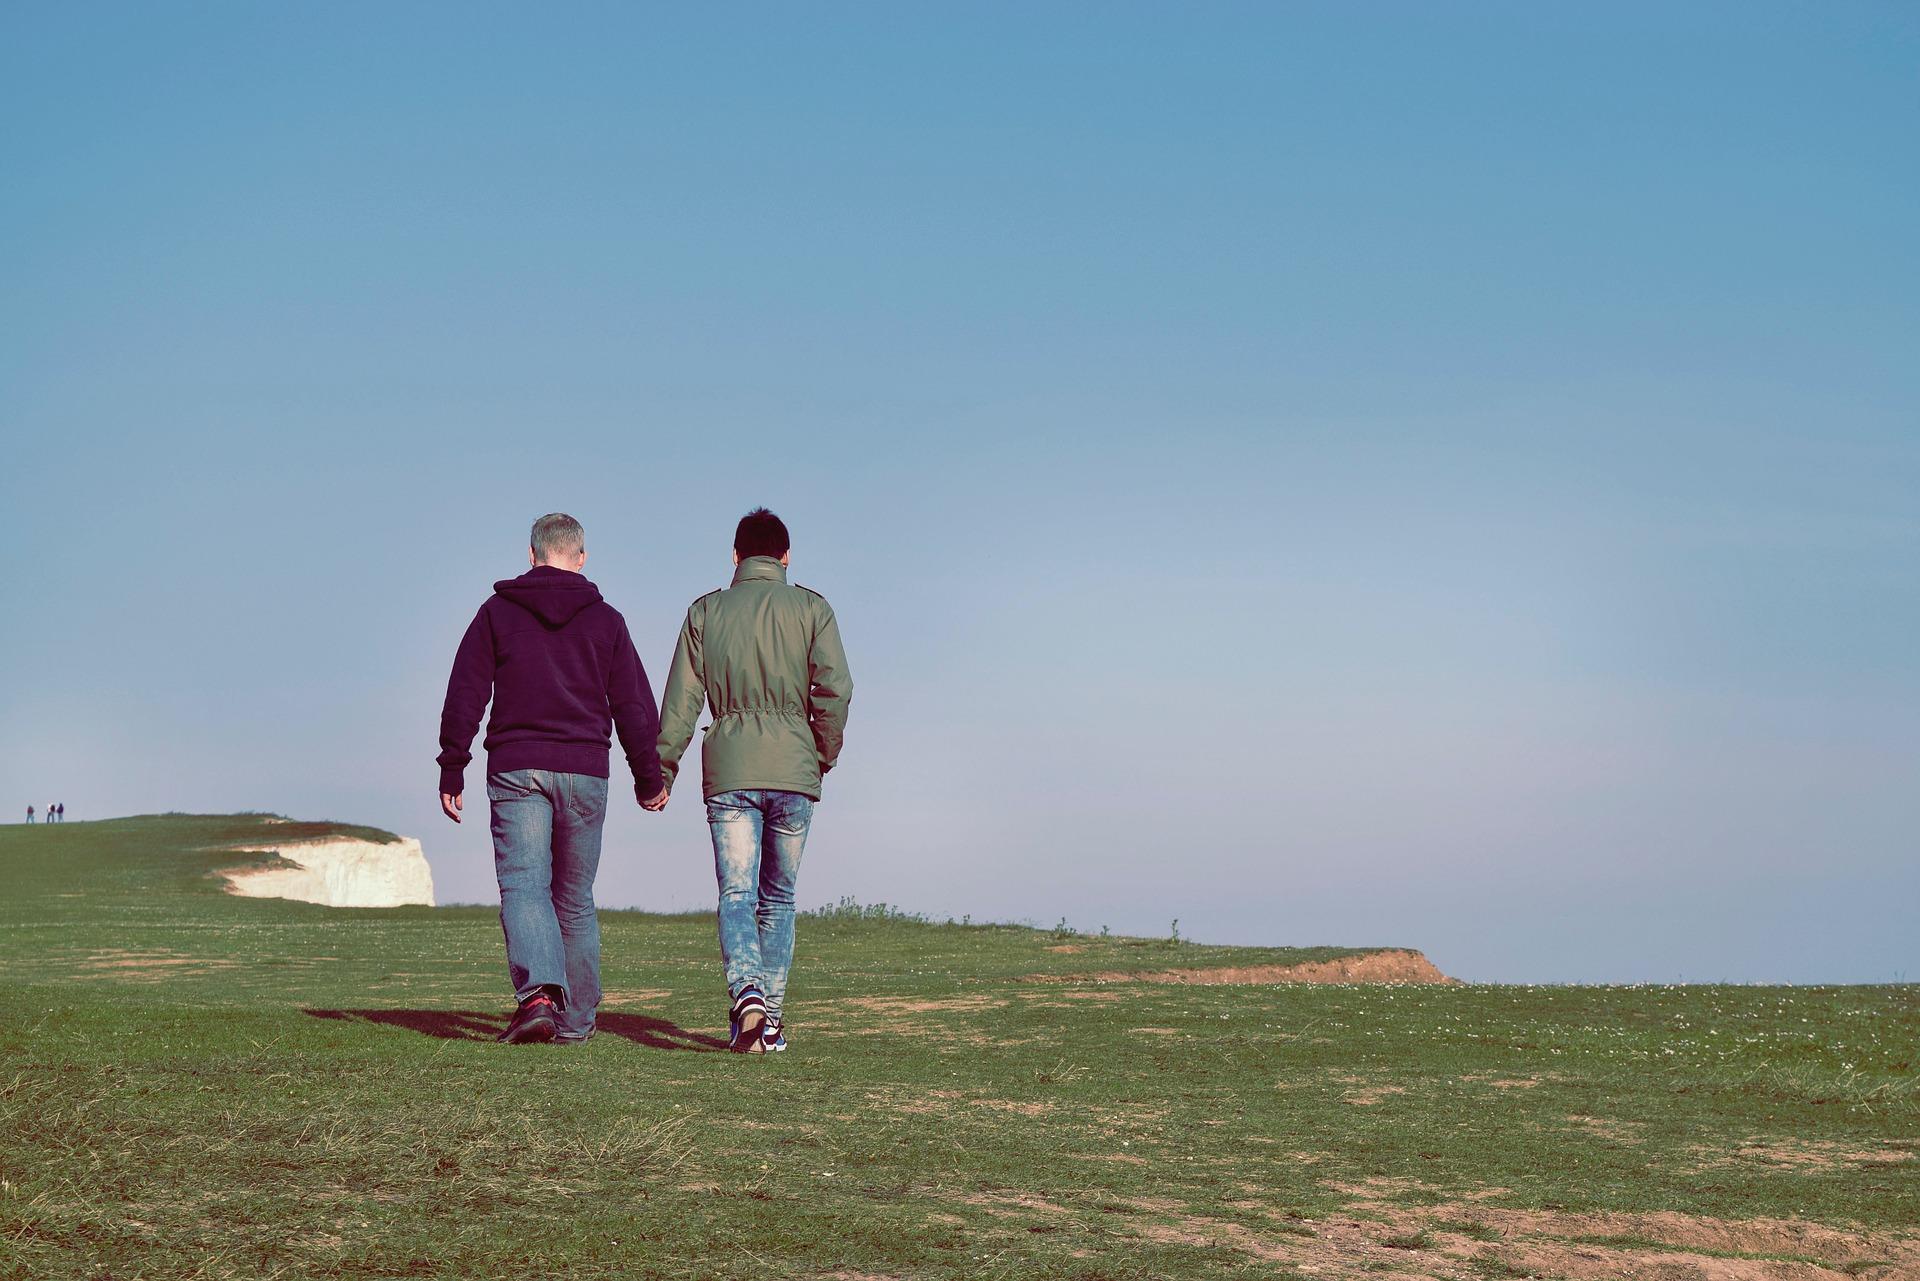 LGBTの恋愛事情。ゲイを隠すために隠れ蓑にされていた切ない恋愛の話